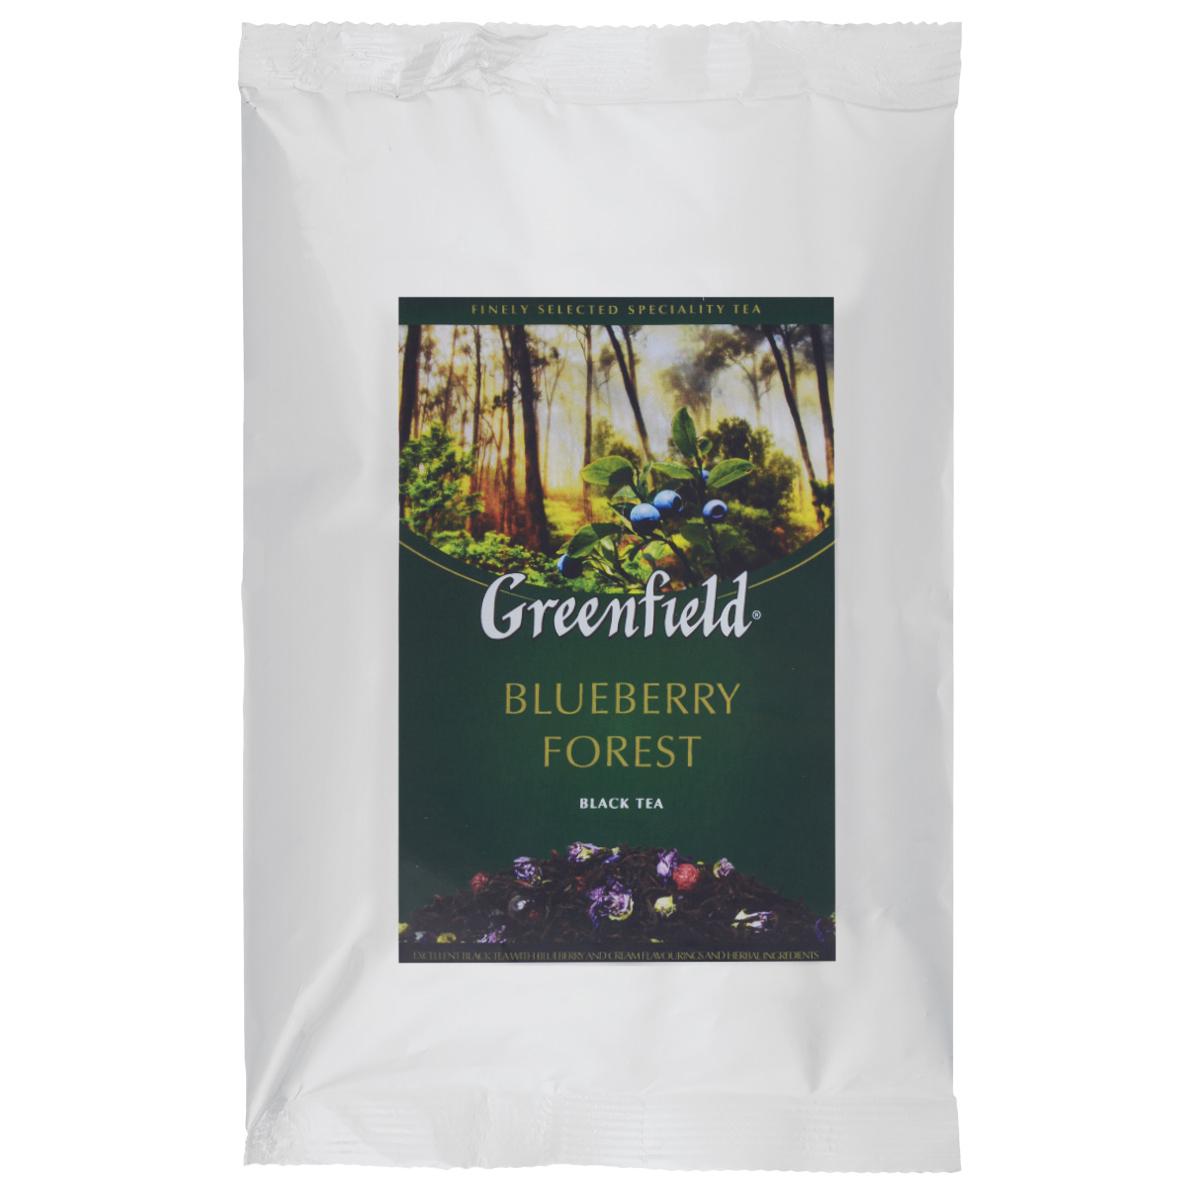 Greenfield Blueberry Forest черный листовой чай, 250 г0977-15Greenfield Blueberry Forest - цейлонский черный чай с ароматом черники, сливок, и растительными компонентами. Мягкий чуть пряный вкус превосходного цейлонского чая становится еще ярче и выразительнее благодаря самобытному «северному» вкусу и естественному свежему аромату ягод черники.